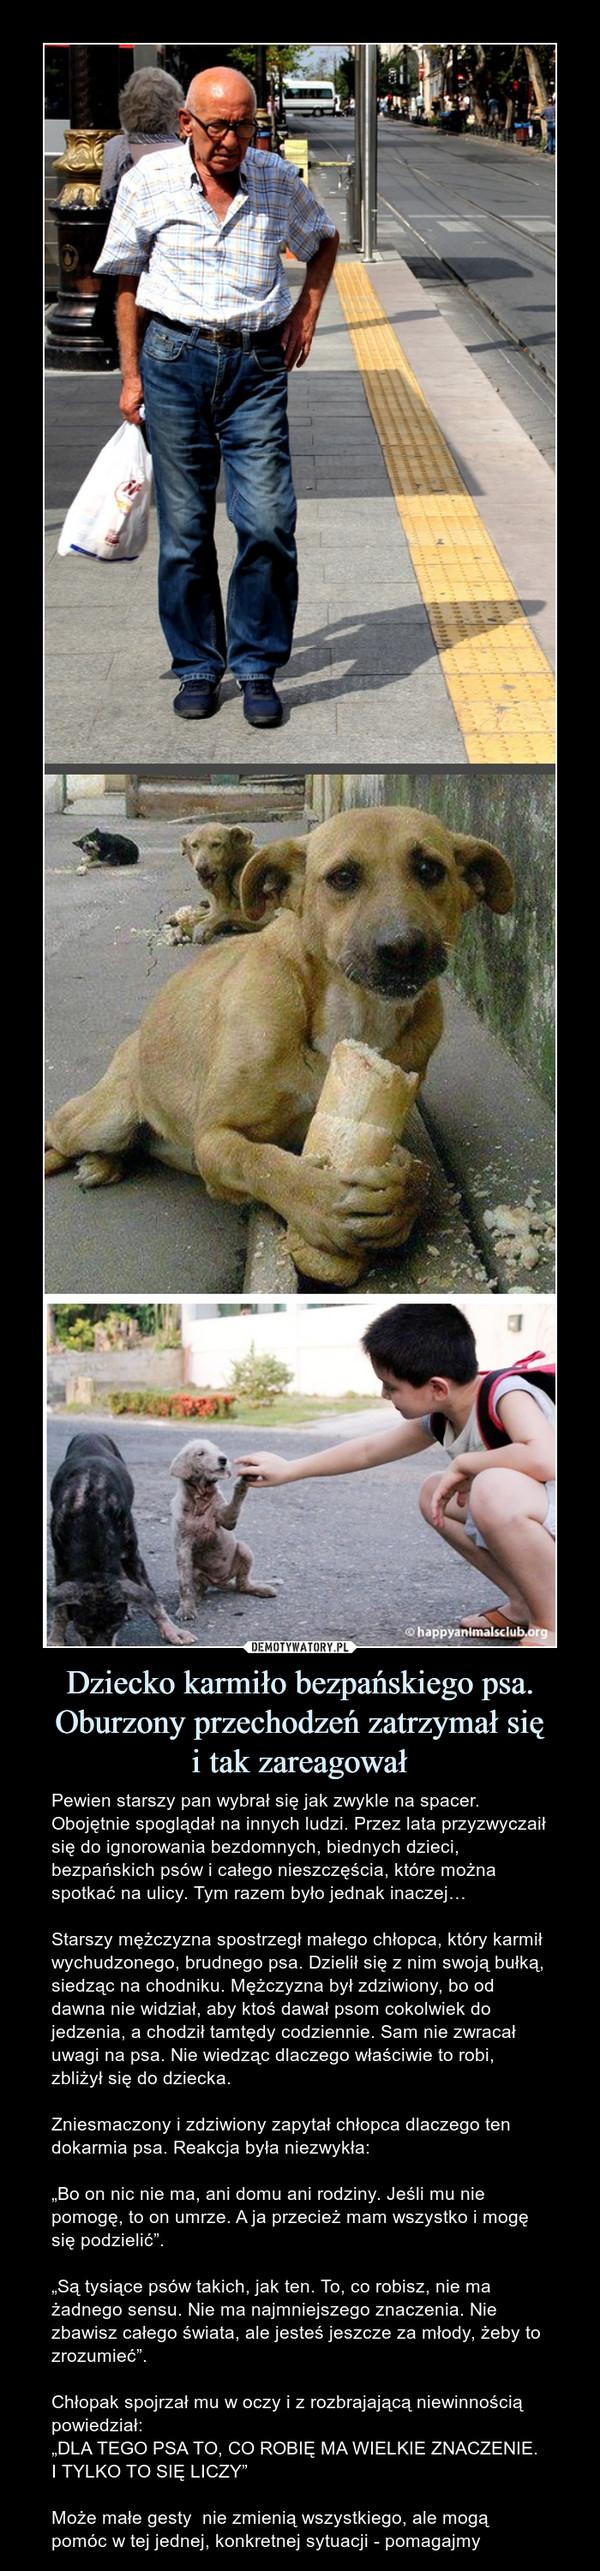 """Dziecko karmiło bezpańskiego psa.Oburzony przechodzeń zatrzymał sięi tak zareagował – Pewien starszy pan wybrał się jak zwykle na spacer. Obojętnie spoglądał na innych ludzi. Przez lata przyzwyczaił się do ignorowania bezdomnych, biednych dzieci, bezpańskich psów i całego nieszczęścia, które można spotkać na ulicy. Tym razem było jednak inaczej… Starszy mężczyzna spostrzegł małego chłopca, który karmił wychudzonego, brudnego psa. Dzielił się z nim swoją bułką, siedząc na chodniku. Mężczyzna był zdziwiony, bo od dawna nie widział, aby ktoś dawał psom cokolwiek do jedzenia, a chodził tamtędy codziennie. Sam nie zwracał uwagi na psa. Nie wiedząc dlaczego właściwie to robi, zbliżył się do dziecka. Zniesmaczony i zdziwiony zapytał chłopca dlaczego ten dokarmia psa. Reakcja była niezwykła:""""Bo on nic nie ma, ani domu ani rodziny. Jeśli mu nie pomogę, to on umrze. A ja przecież mam wszystko i mogę się podzielić"""".""""Są tysiące psów takich, jak ten. To, co robisz, nie ma żadnego sensu. Nie ma najmniejszego znaczenia. Nie zbawisz całego świata, ale jesteś jeszcze za młody, żeby to zrozumieć"""".Chłopak spojrzał mu w oczy i z rozbrajającą niewinnością powiedział:""""DLA TEGO PSA TO, CO ROBIĘ MA WIELKIE ZNACZENIE. I TYLKO TO SIĘ LICZY""""Może małe gesty  nie zmienią wszystkiego, ale mogą pomóc w tej jednej, konkretnej sytuacji - pomagajmy"""